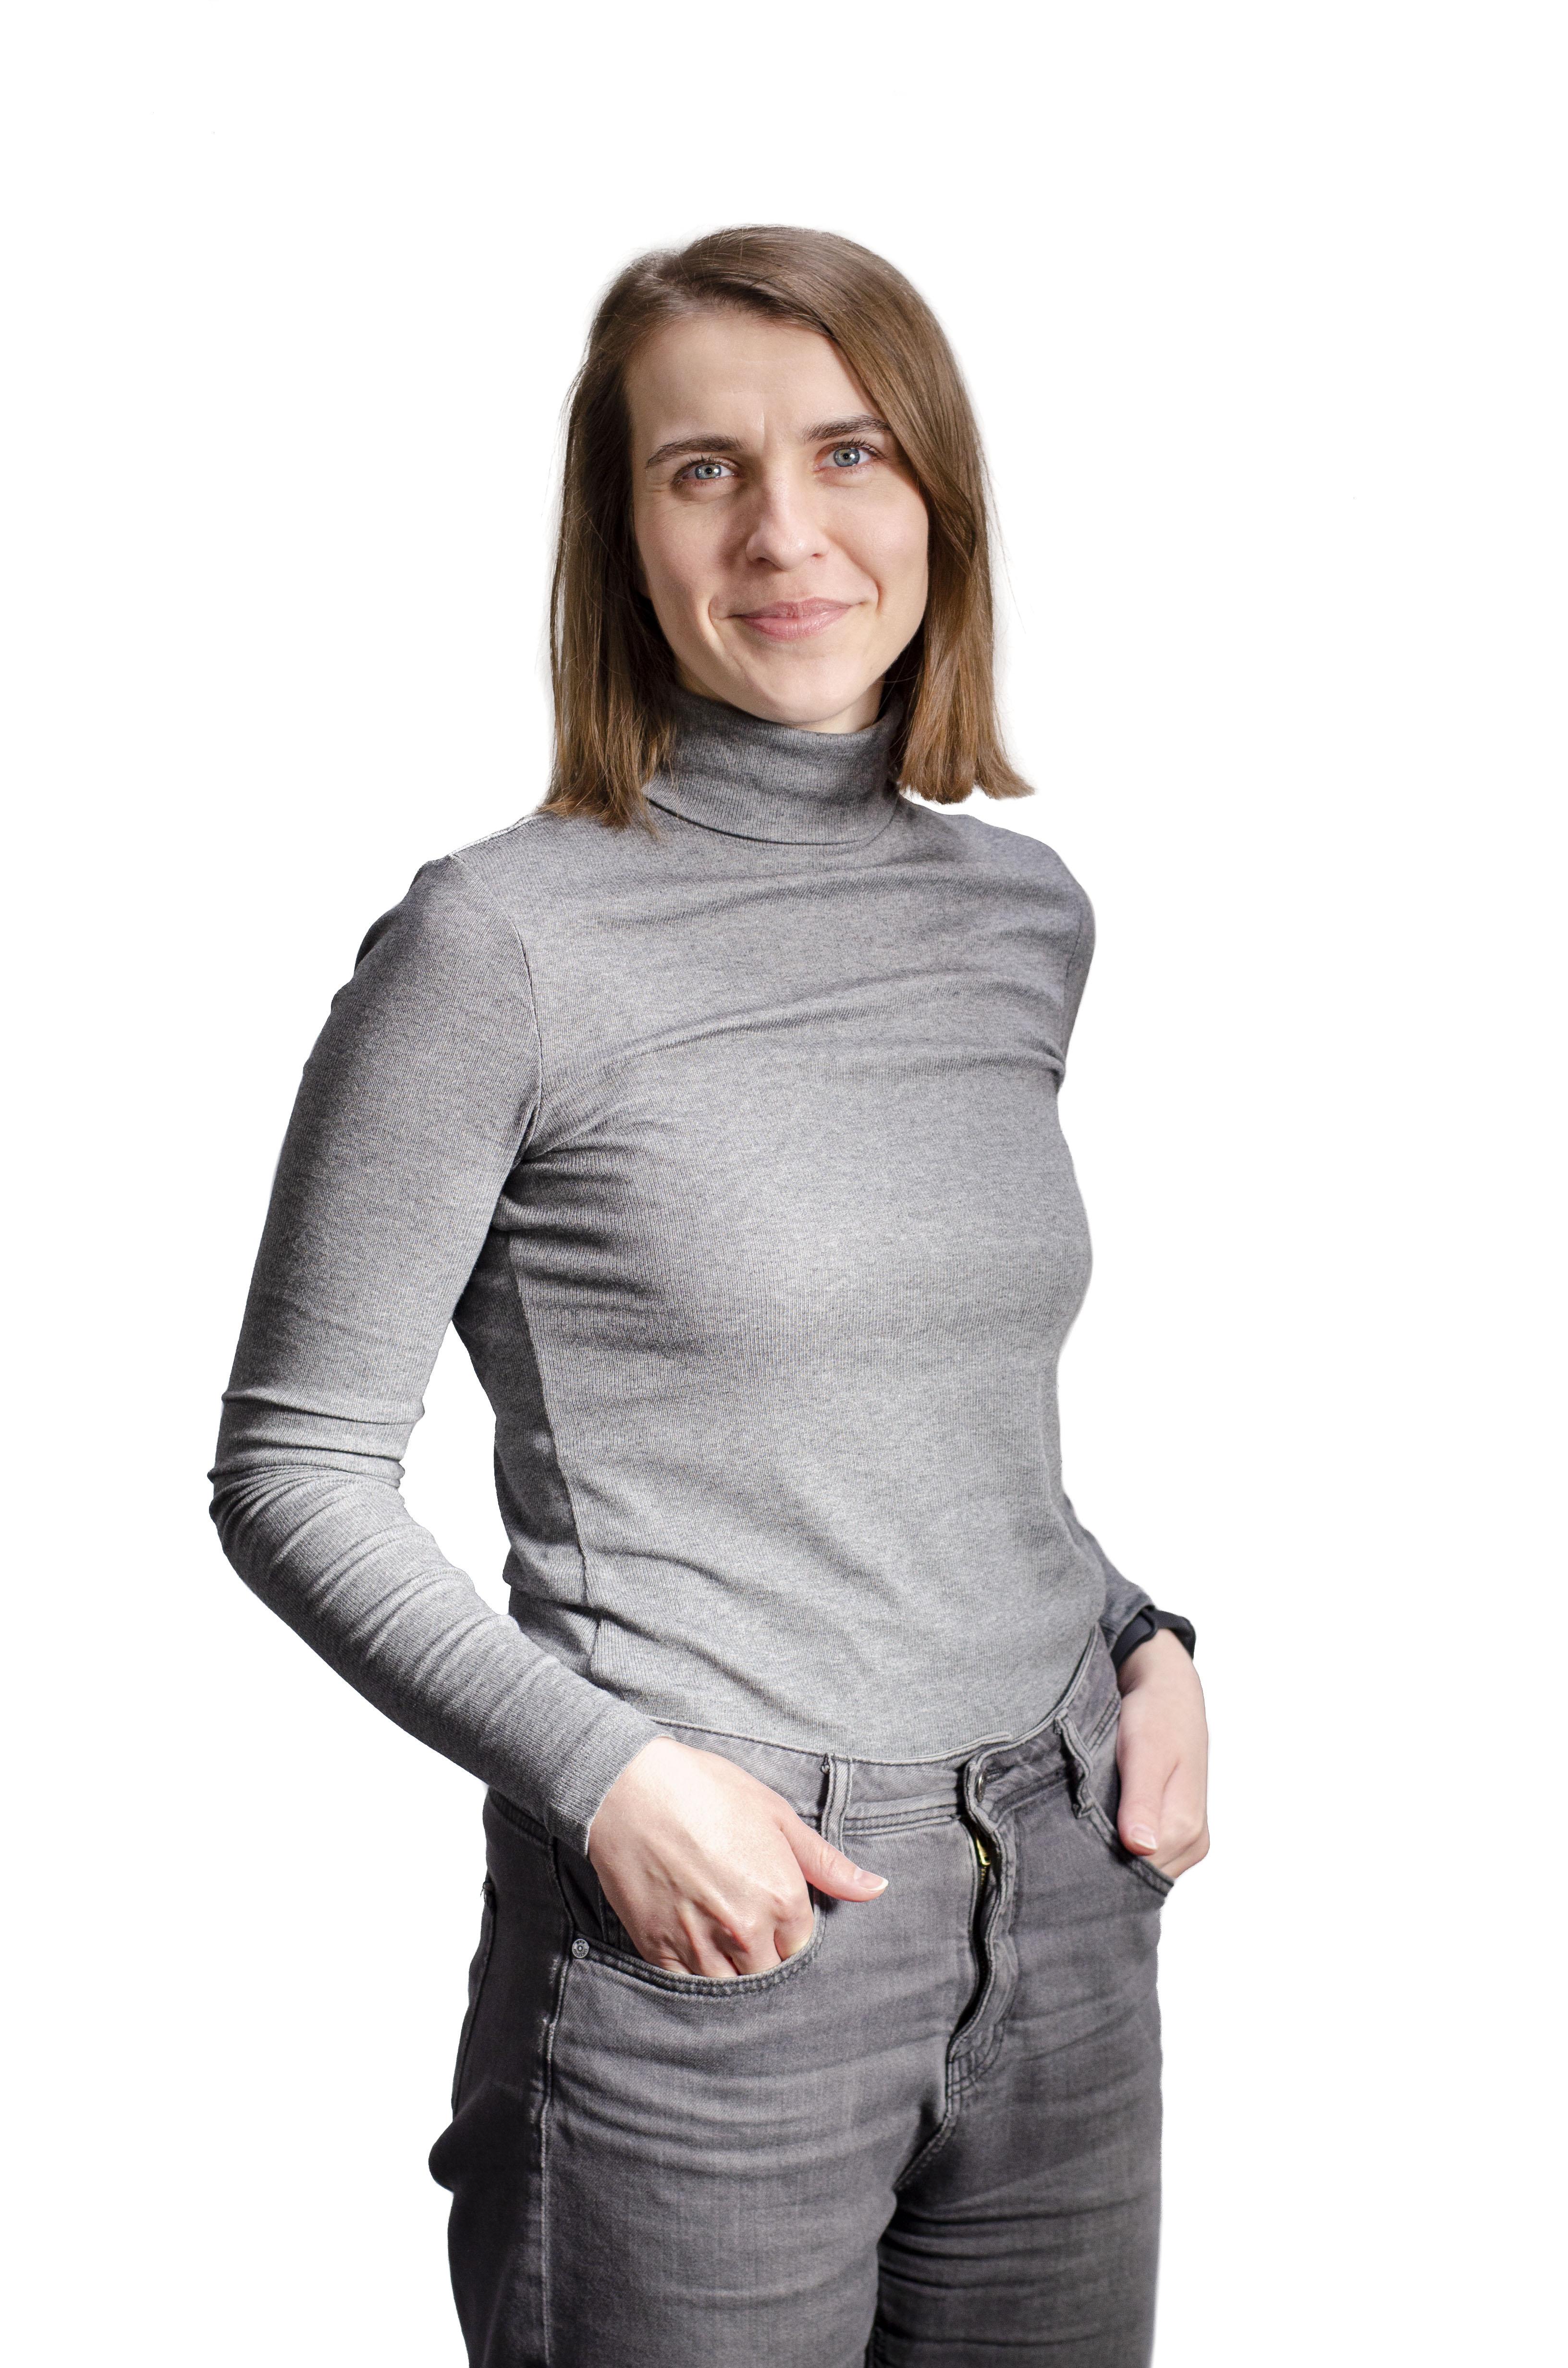 Ula Stankiewicz